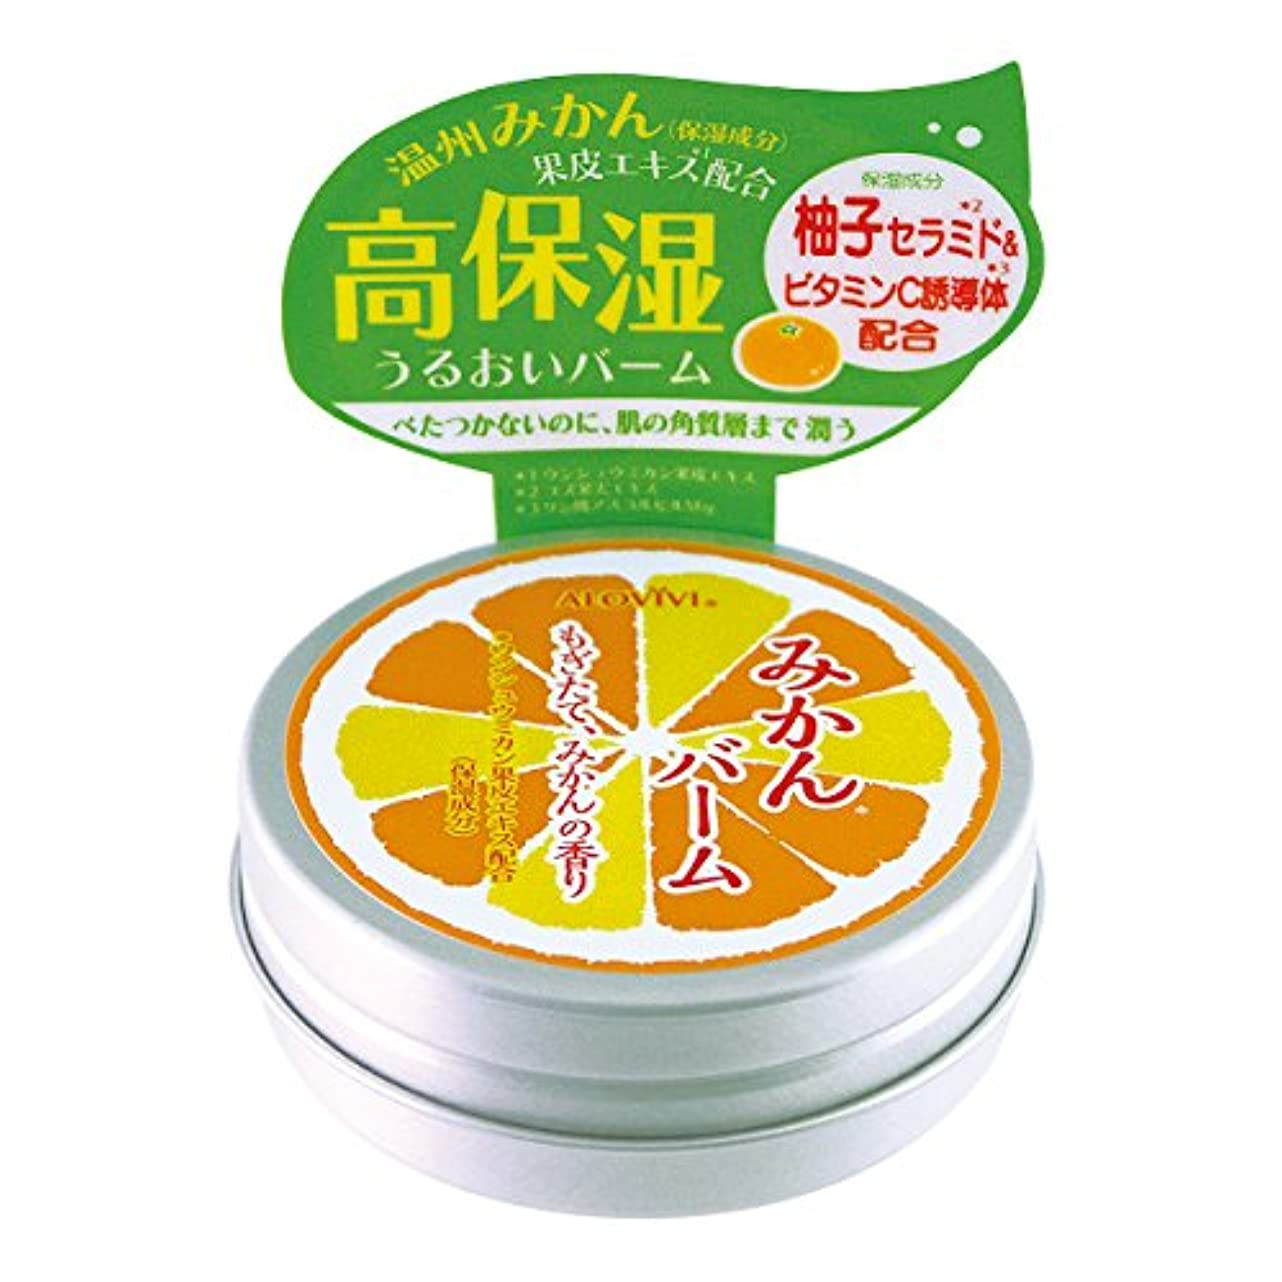 吸収剤抗生物質素晴らしさアロヴィヴィ みかんバーム 化粧用油 25g